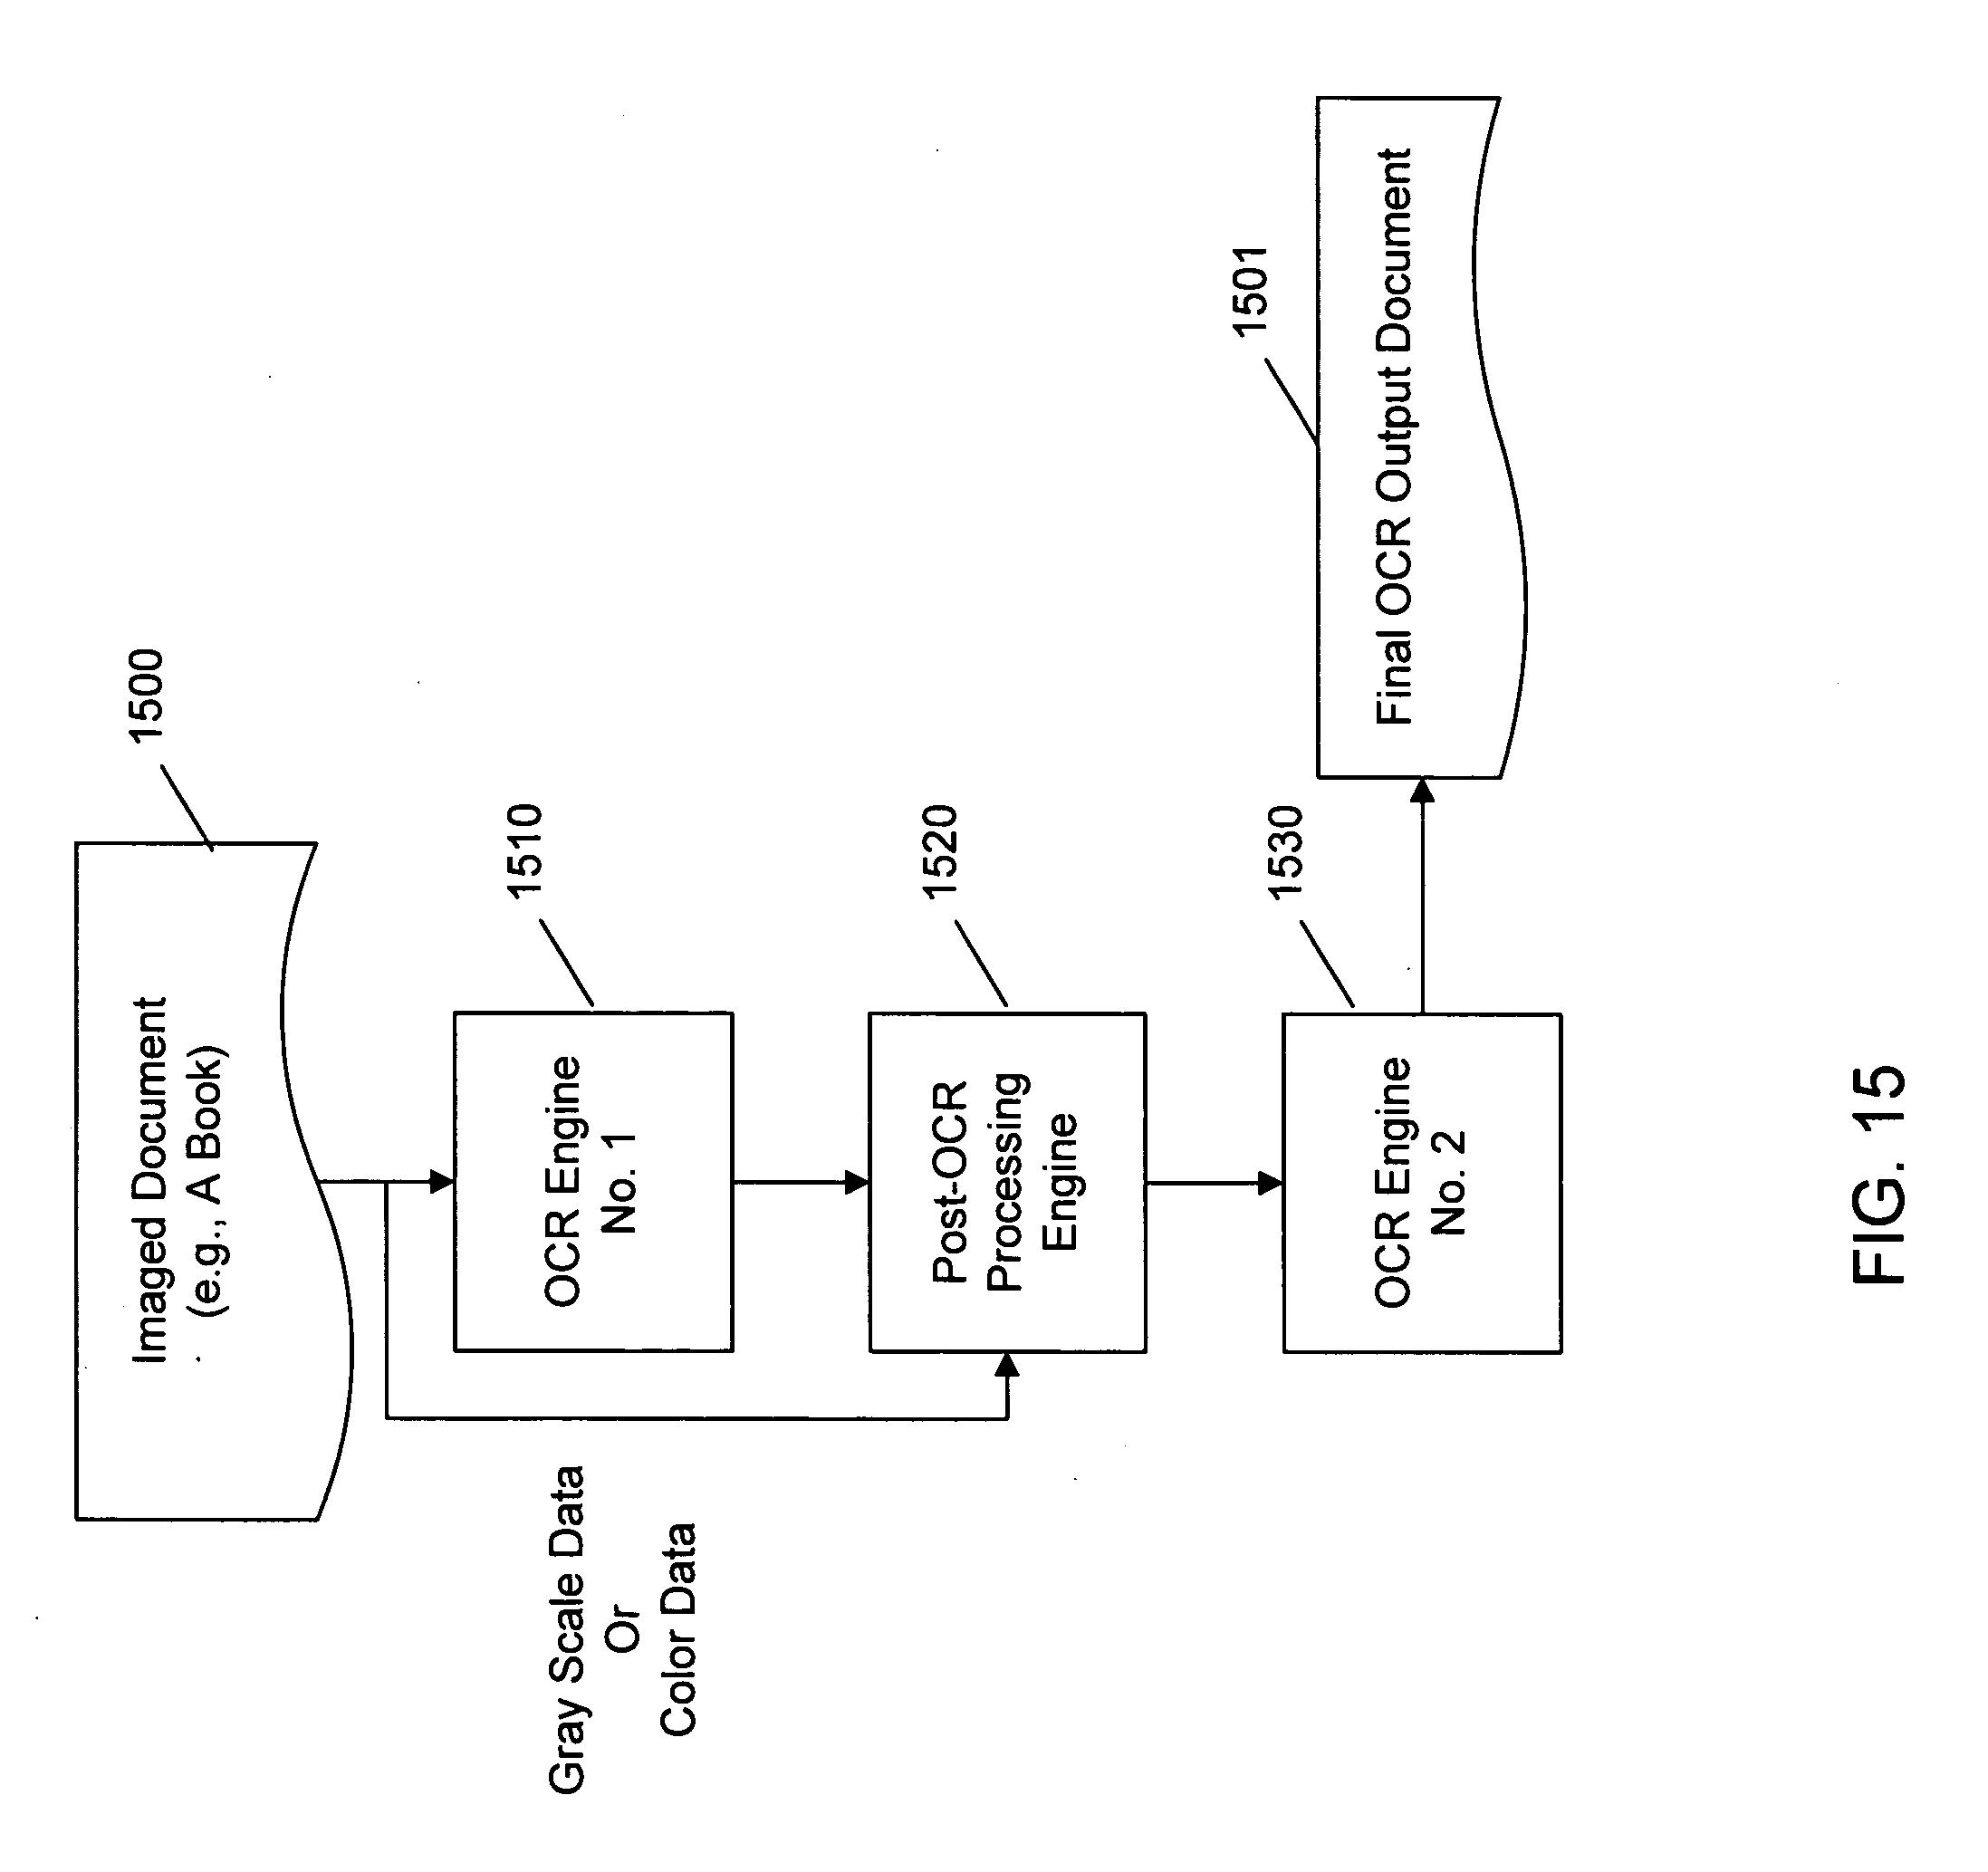 patent us20080063276